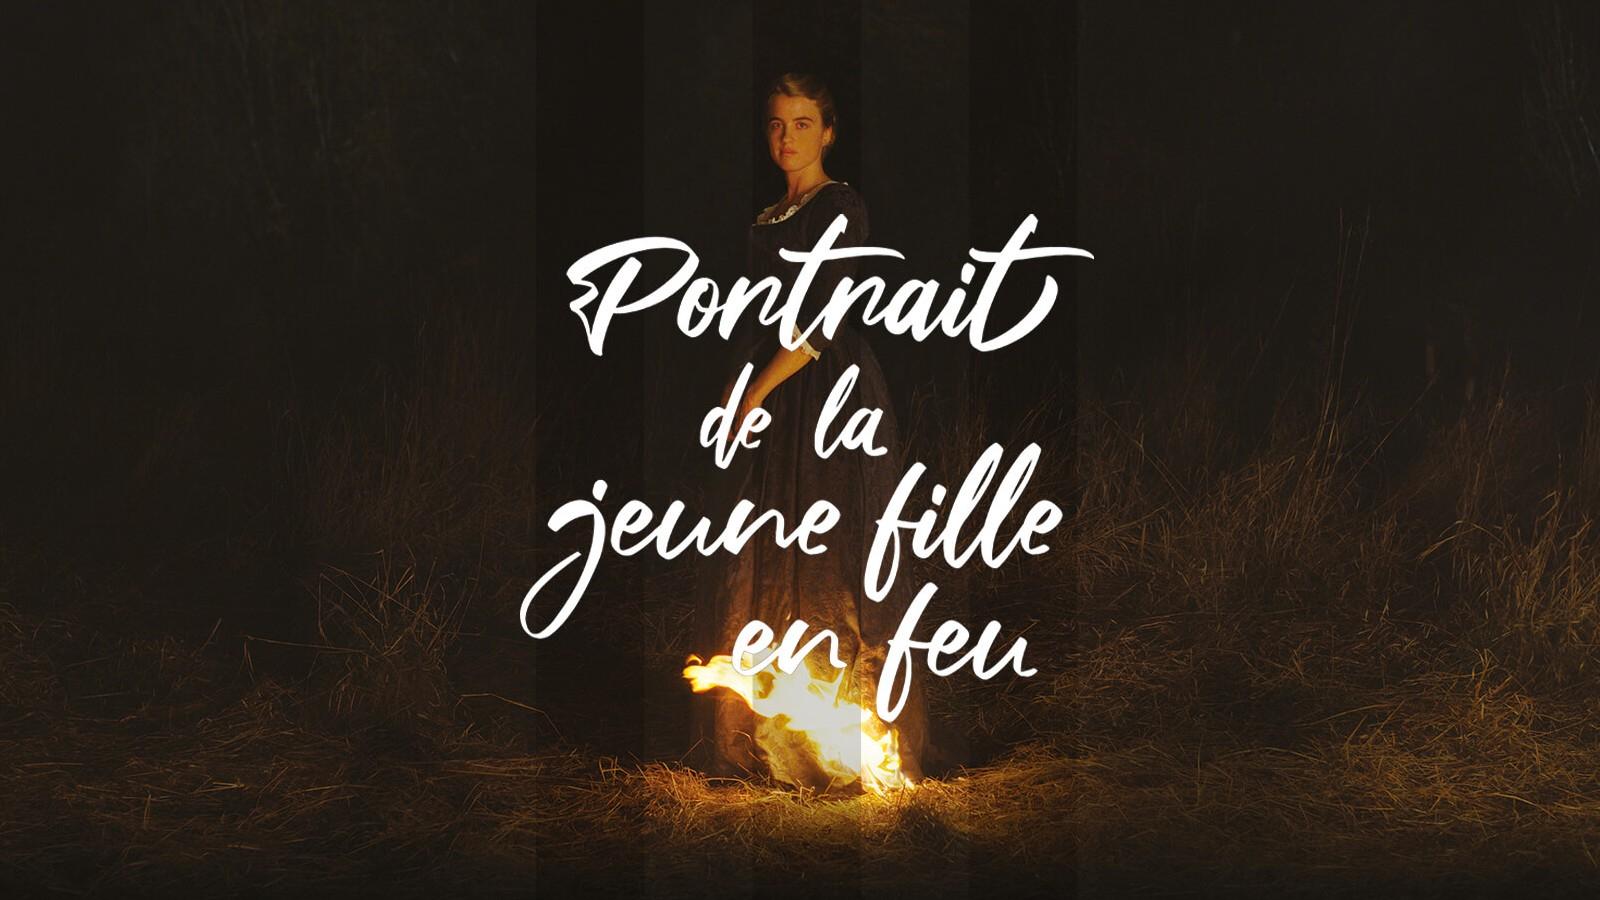 De archivo: Retrato de una mujer en llamas